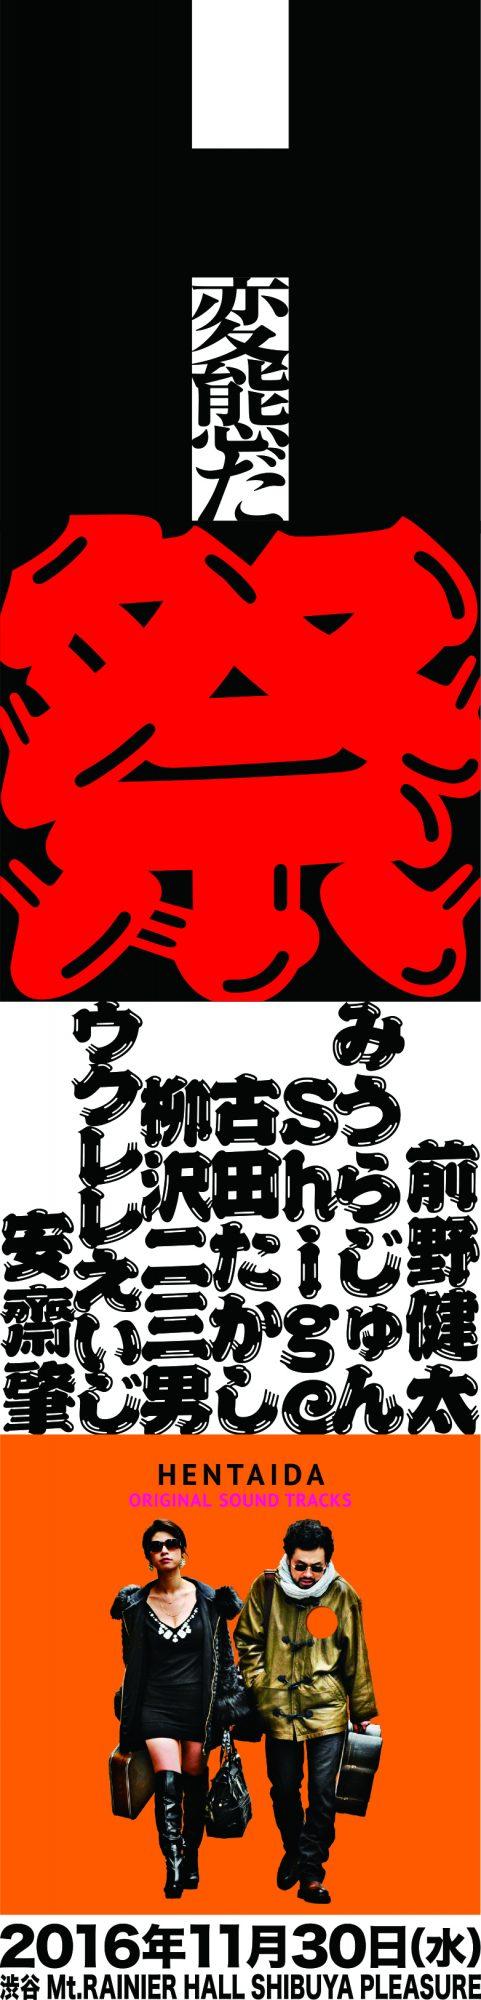 祭りロゴ0923_ol2